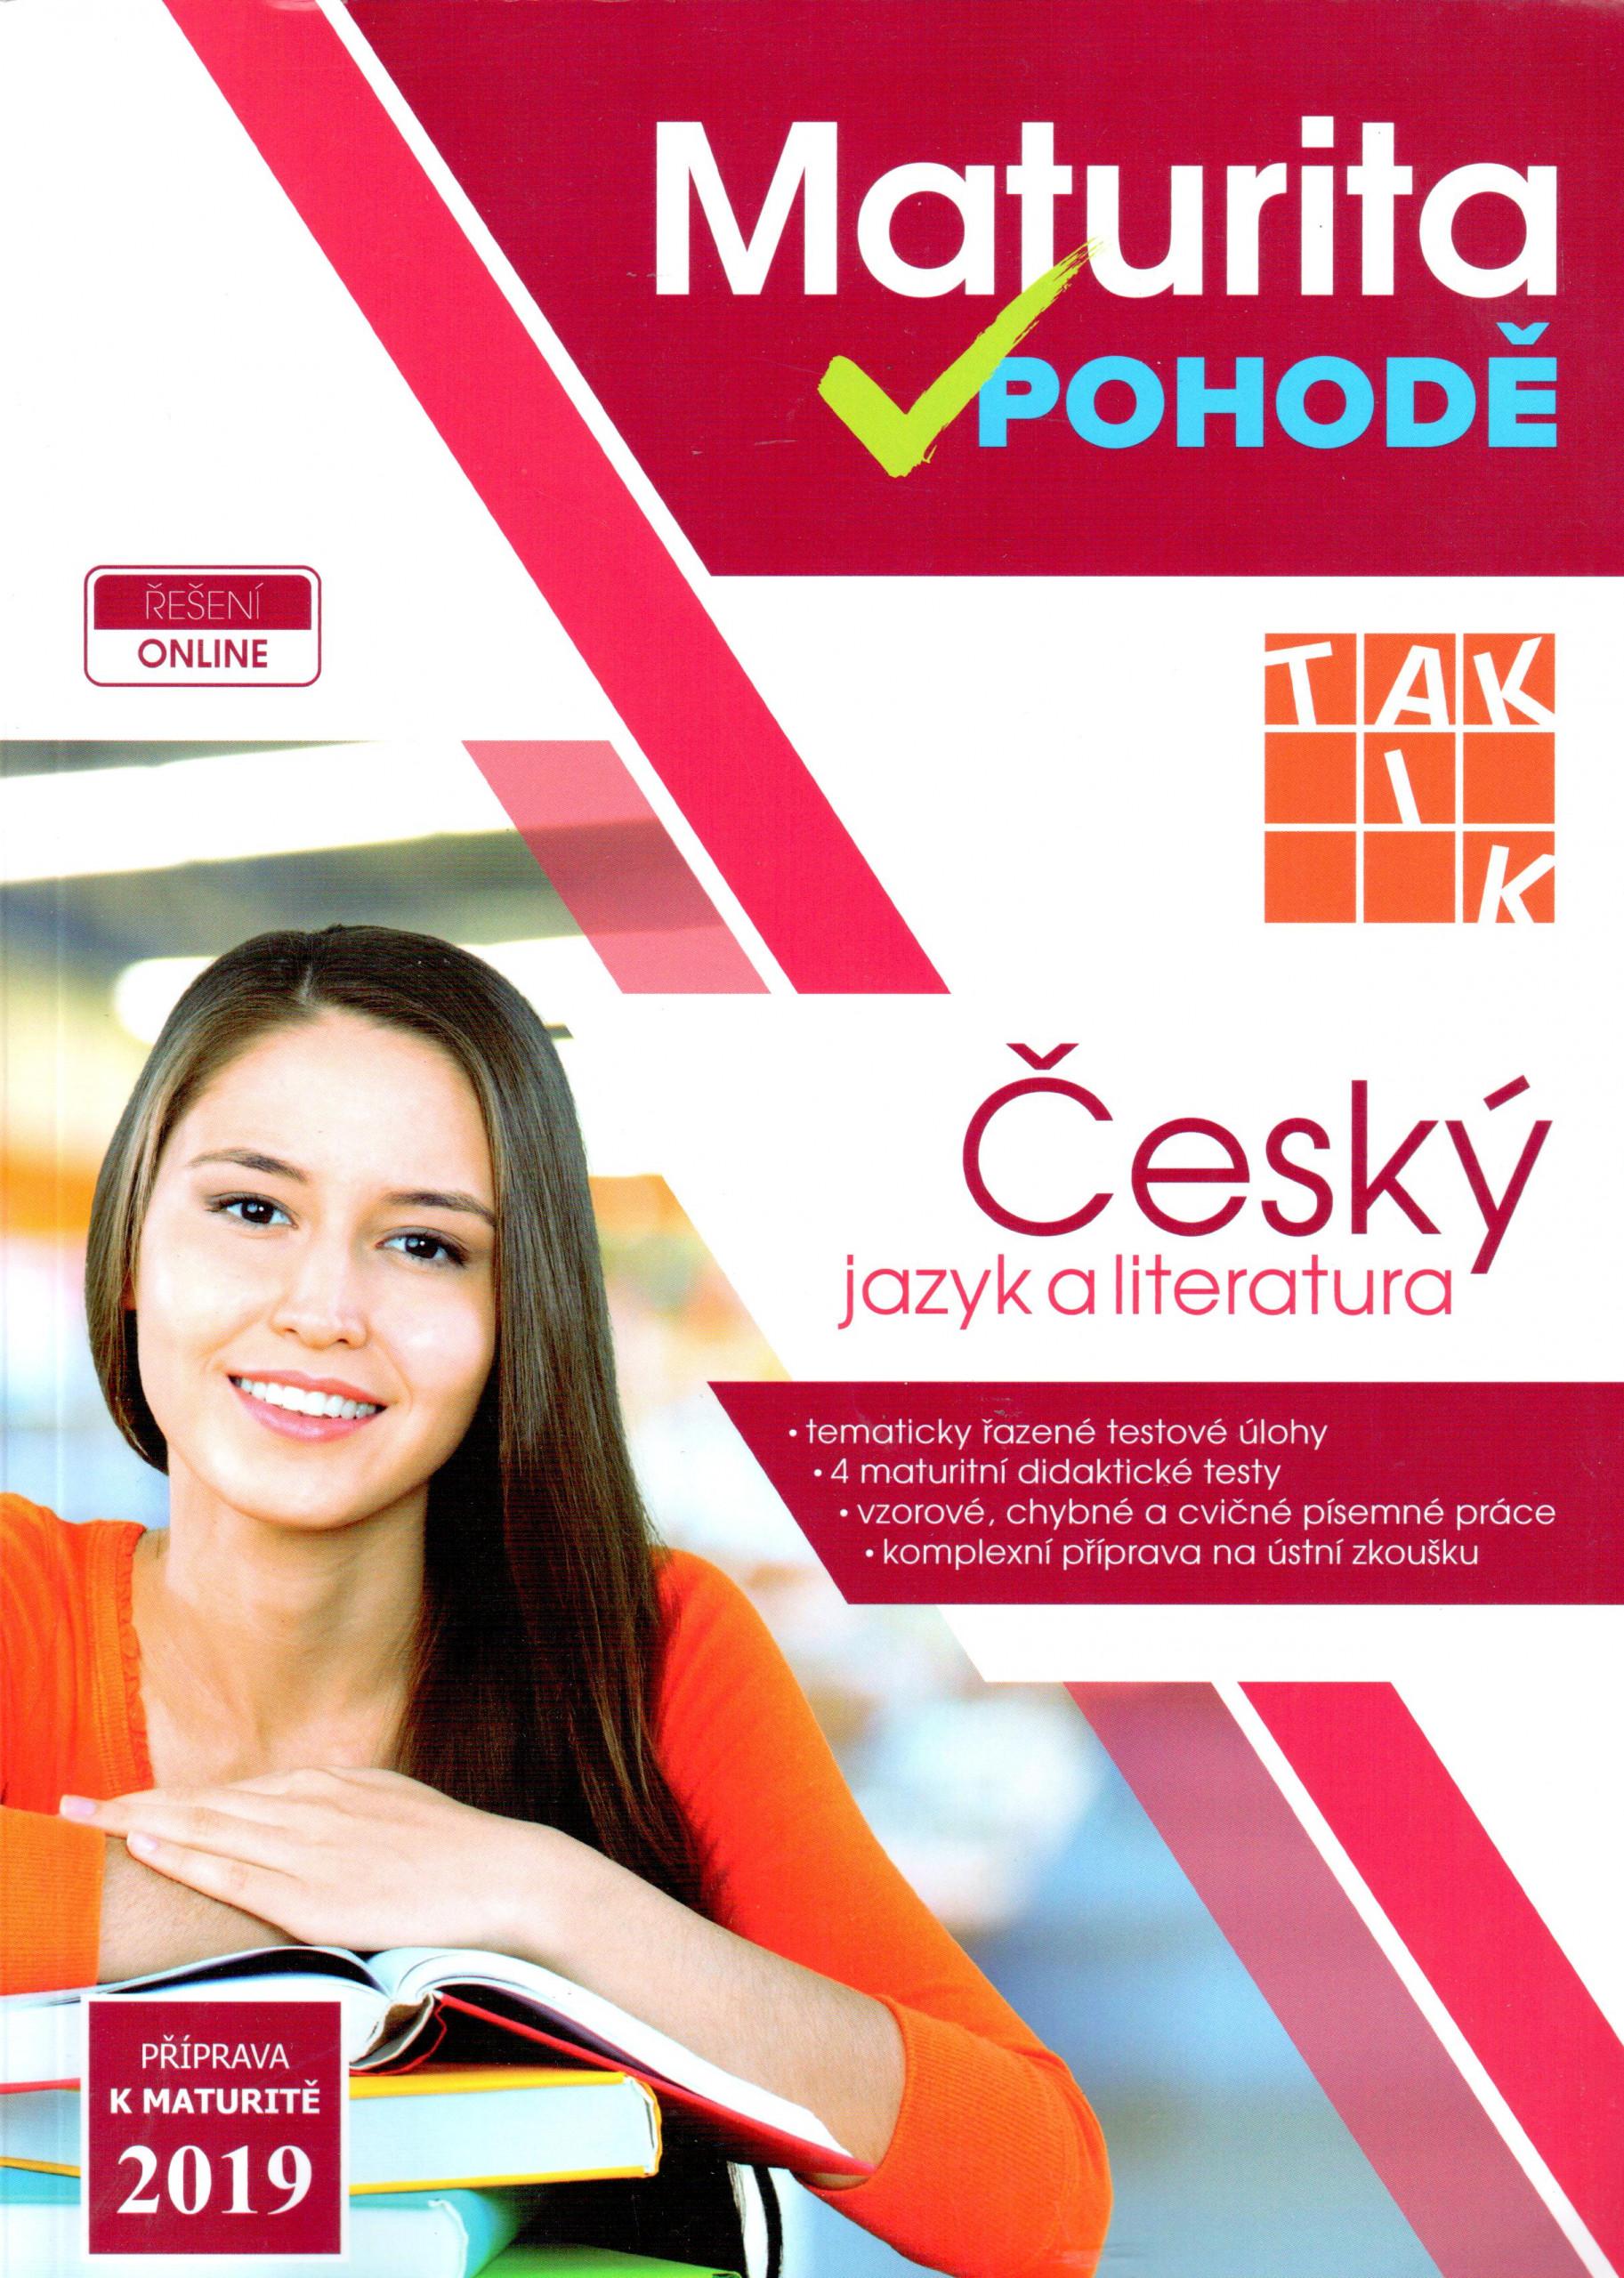 Maturita v pohodě: Český jazyk a literatura 2019 - Náhled učebnice